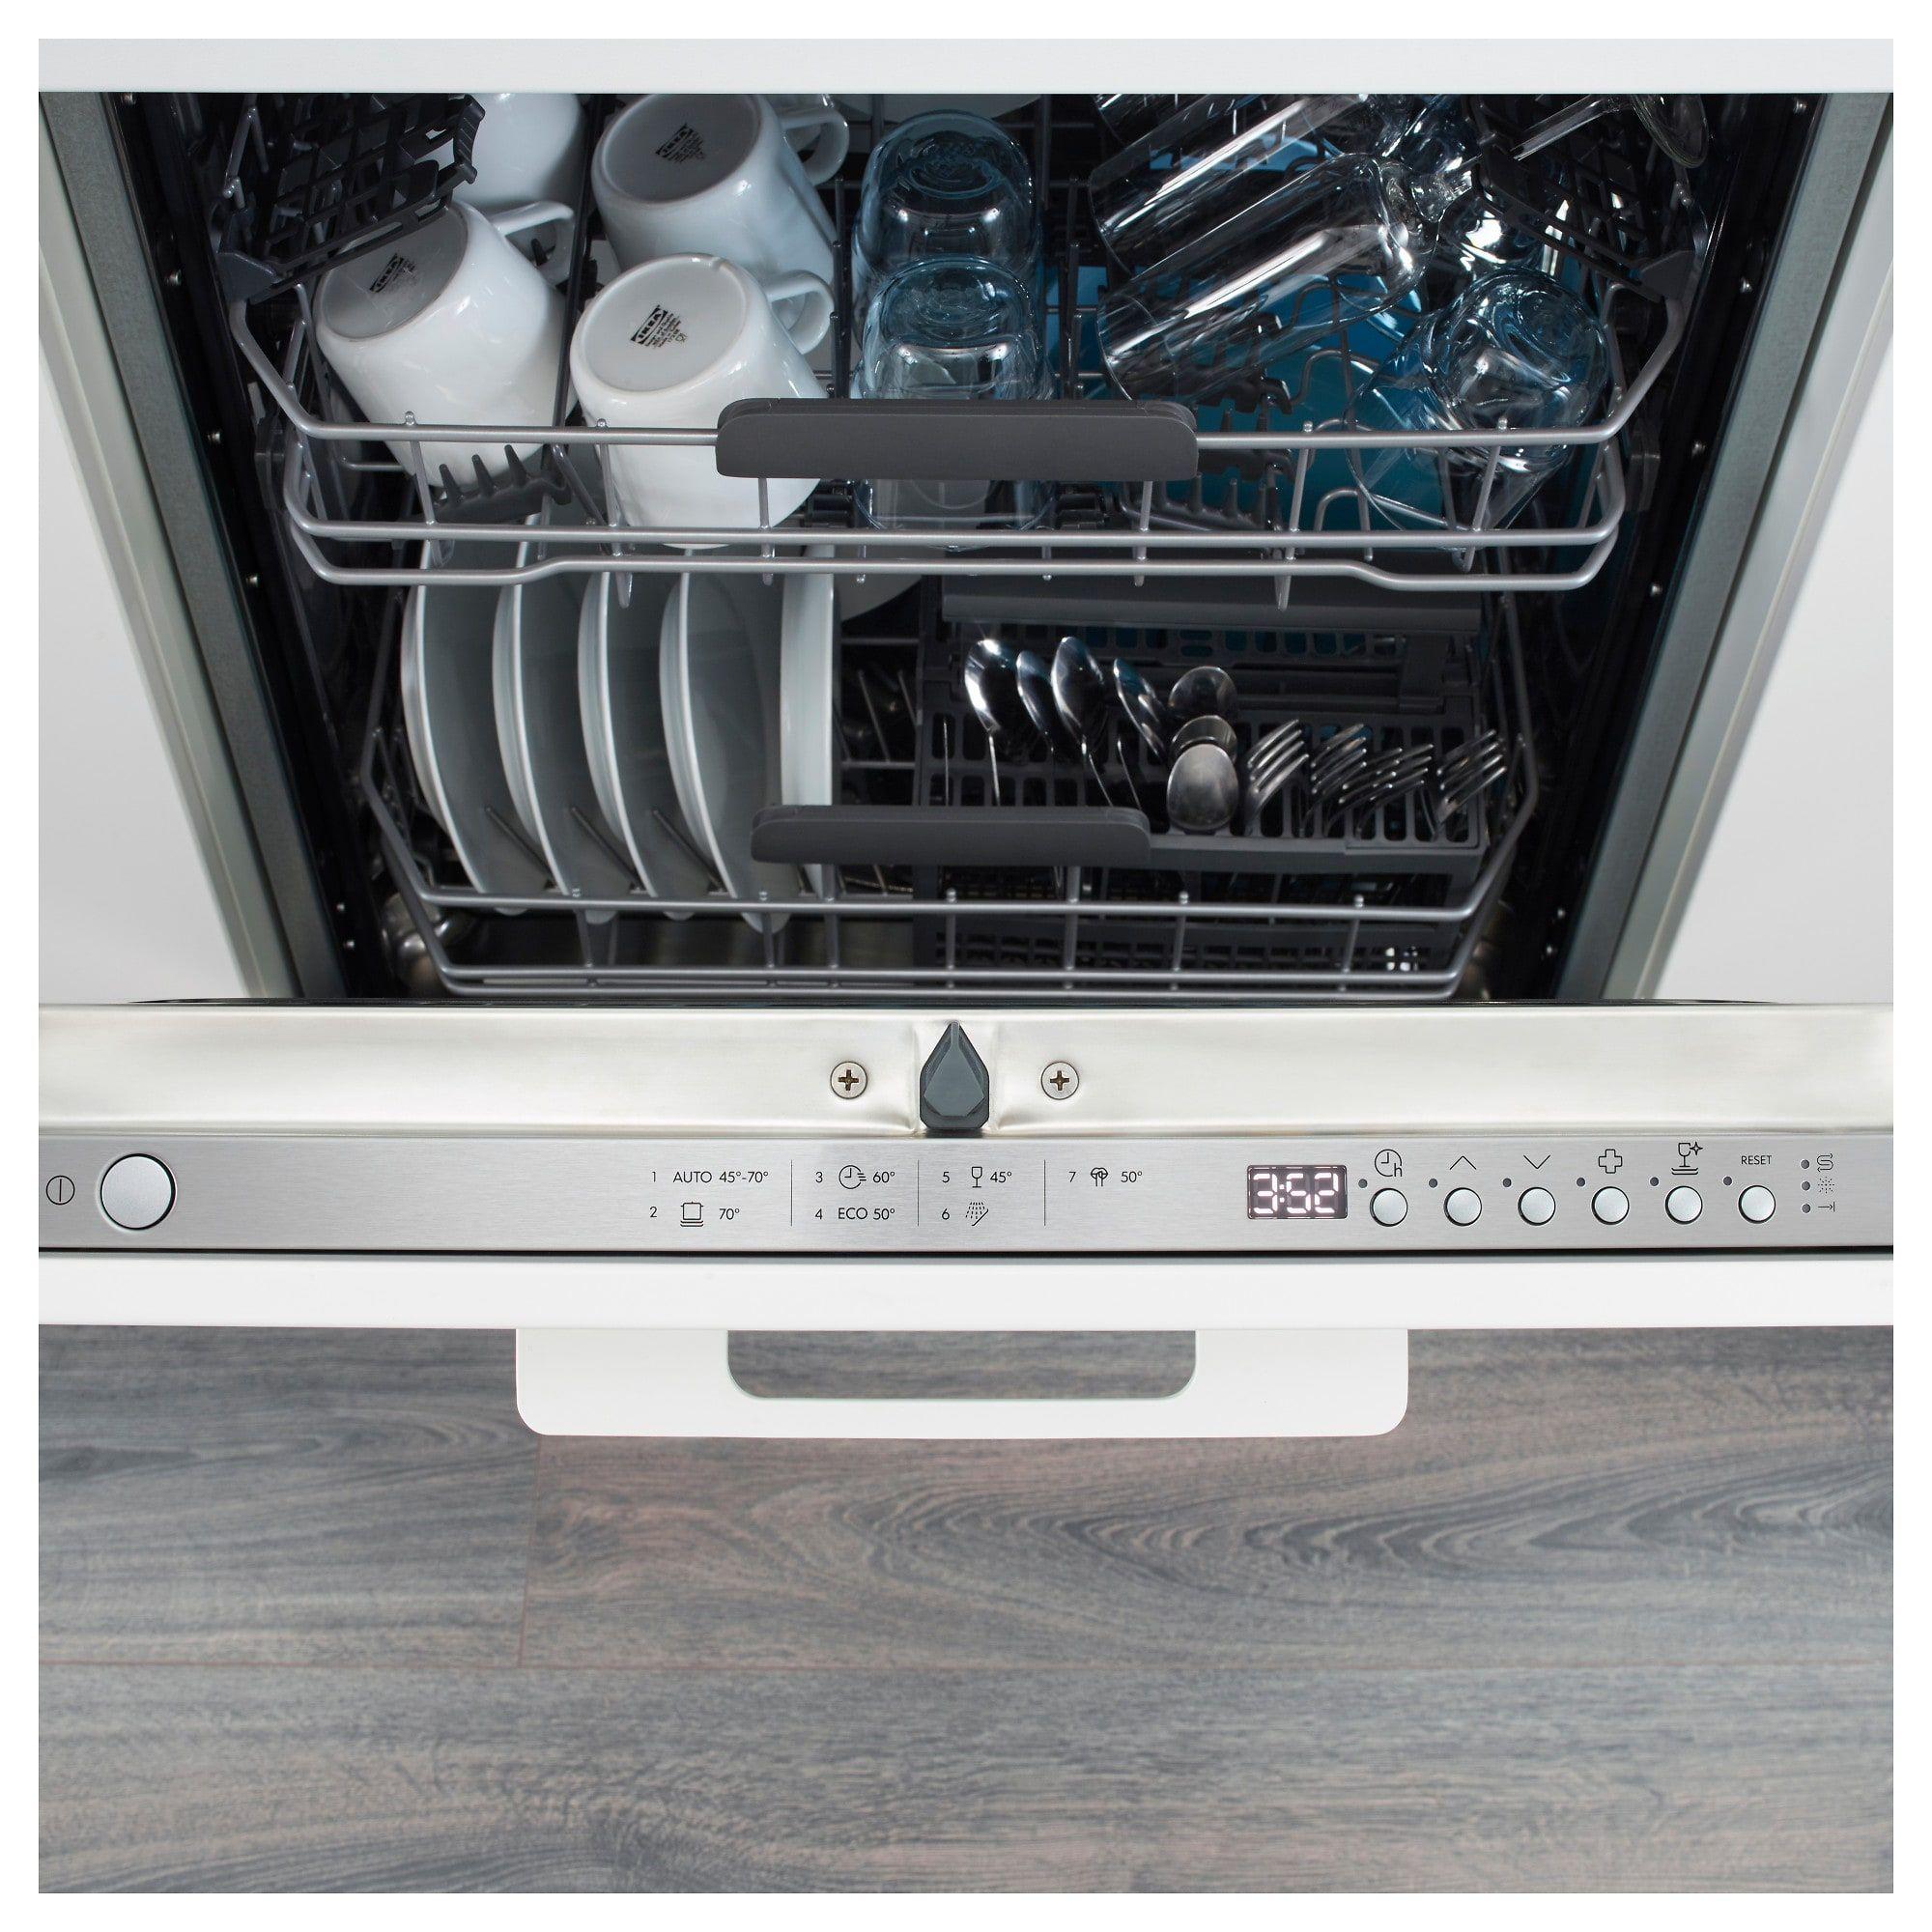 Renodlad Lave Vaisselle Encastrable Ikea Lave Vaisselle Encastrable Vaisselle Lave Vaisselle